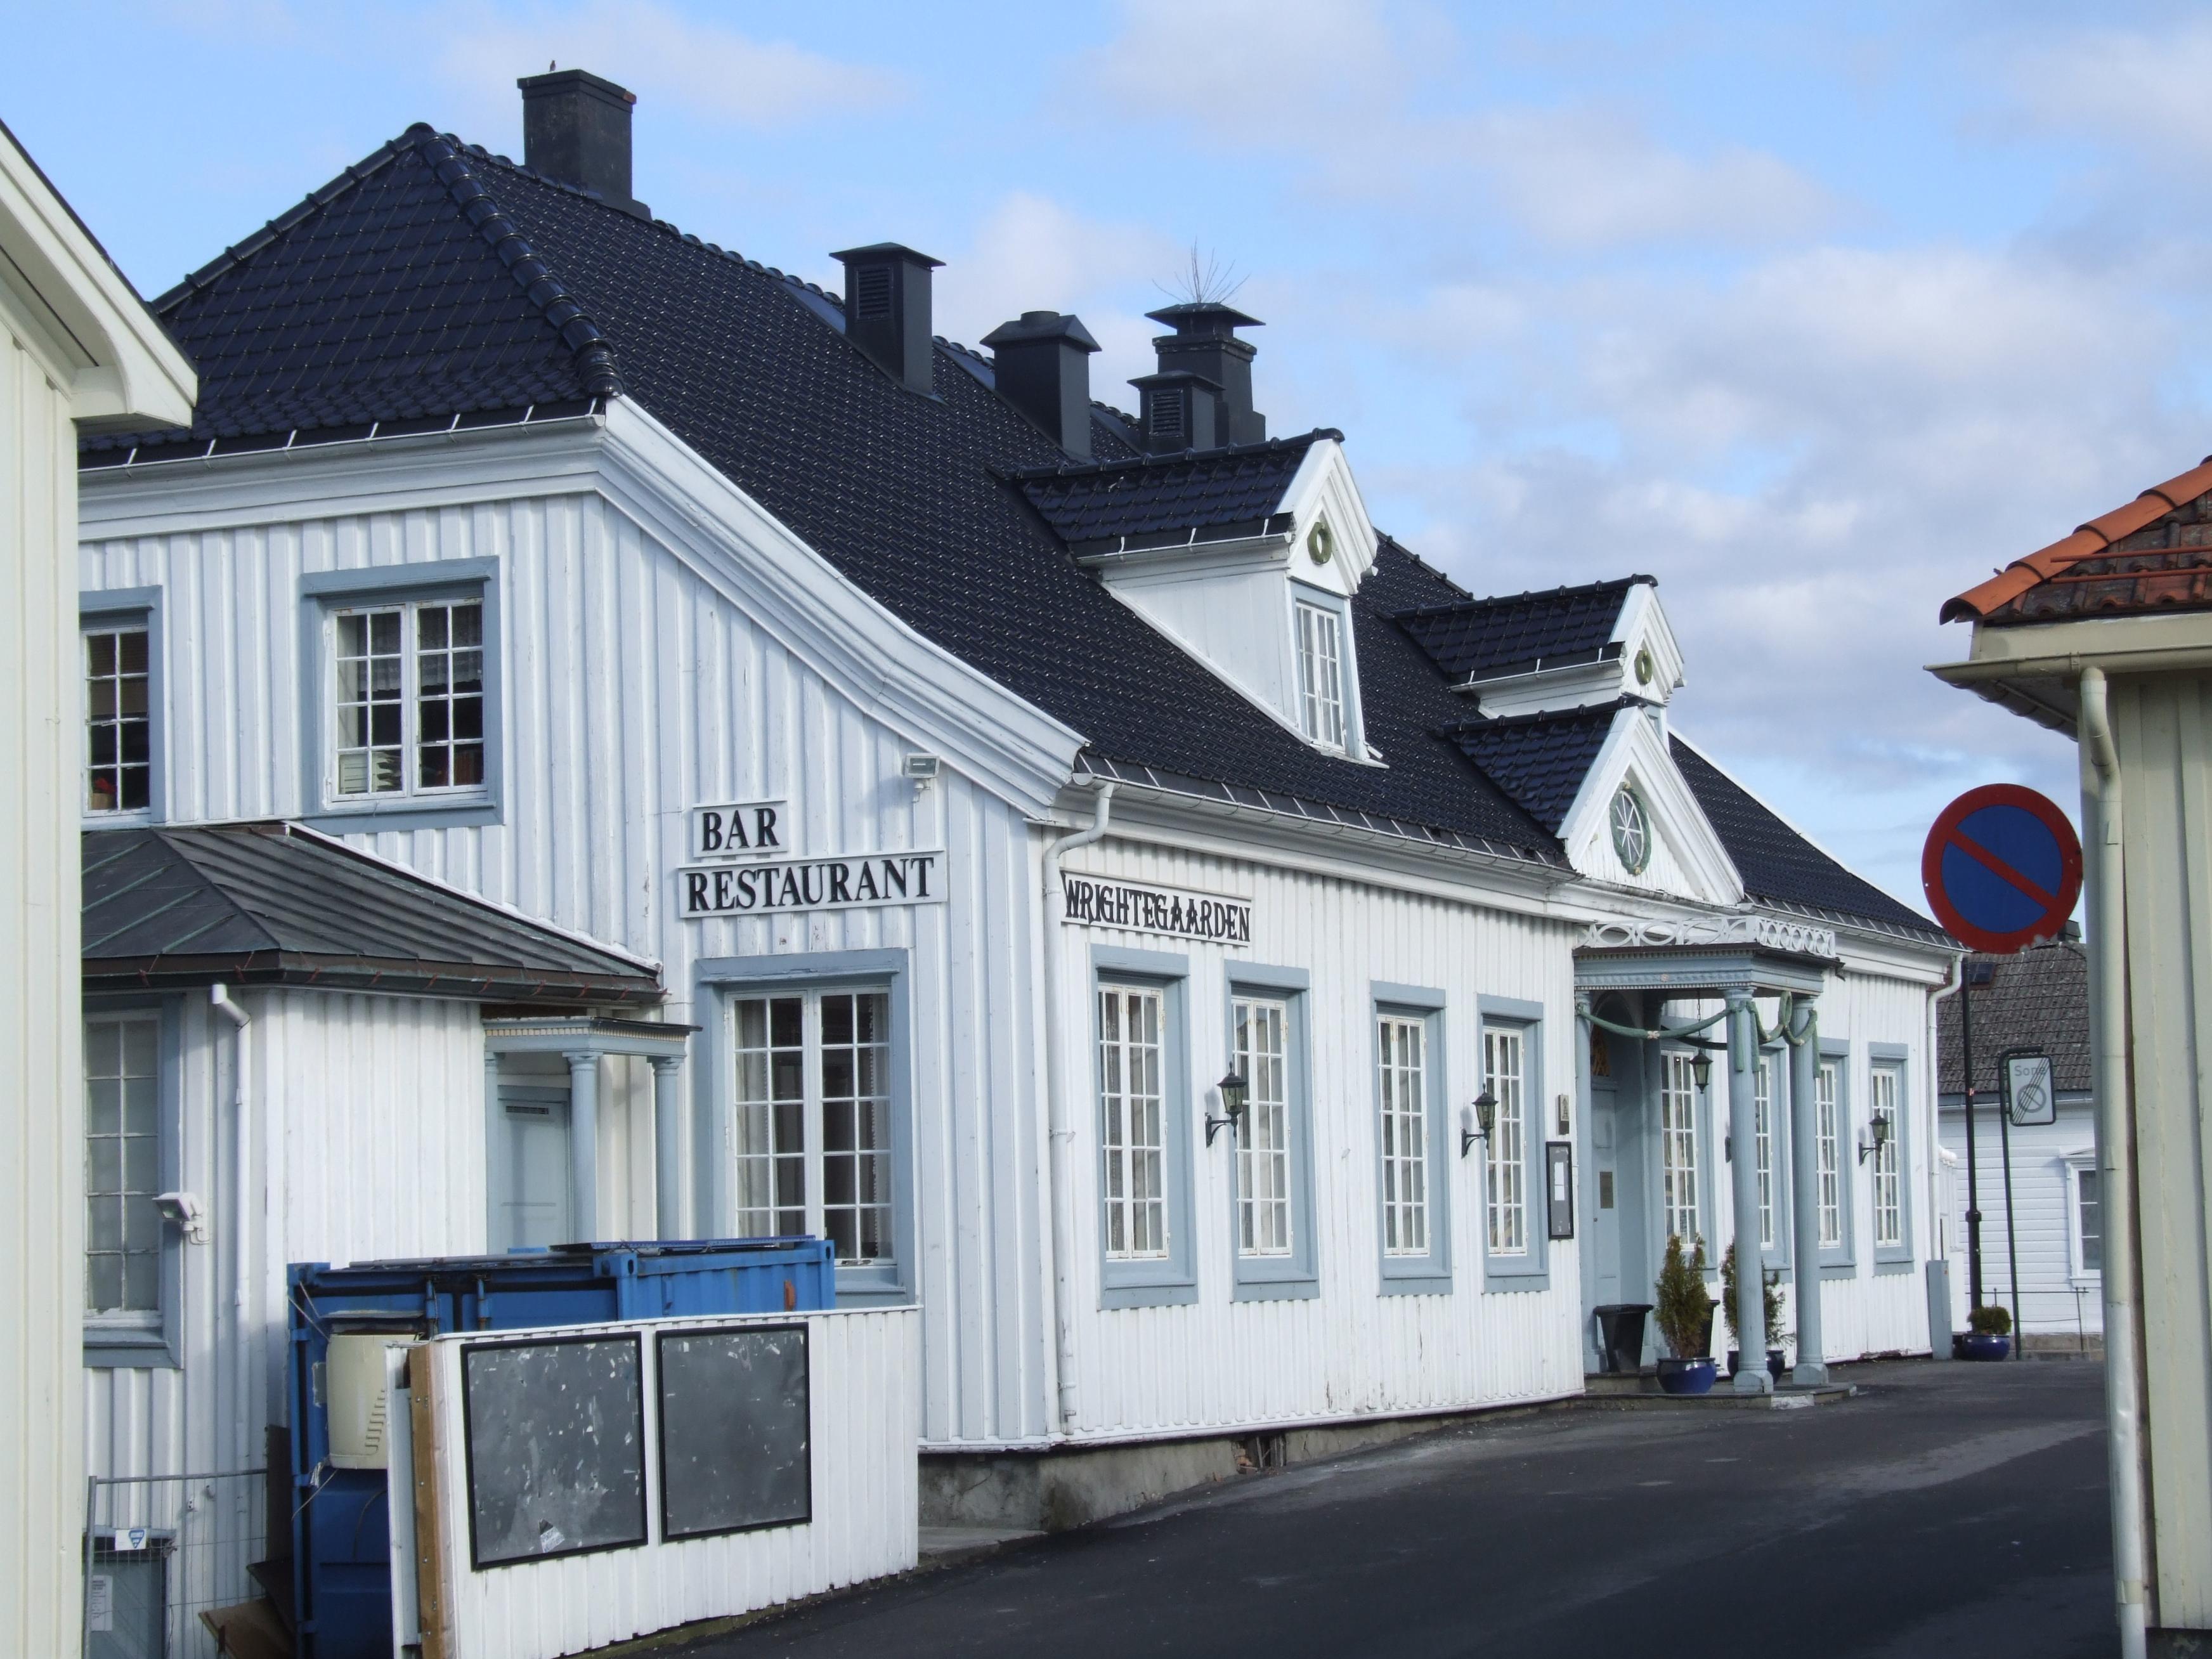 © Christer L Sørensen